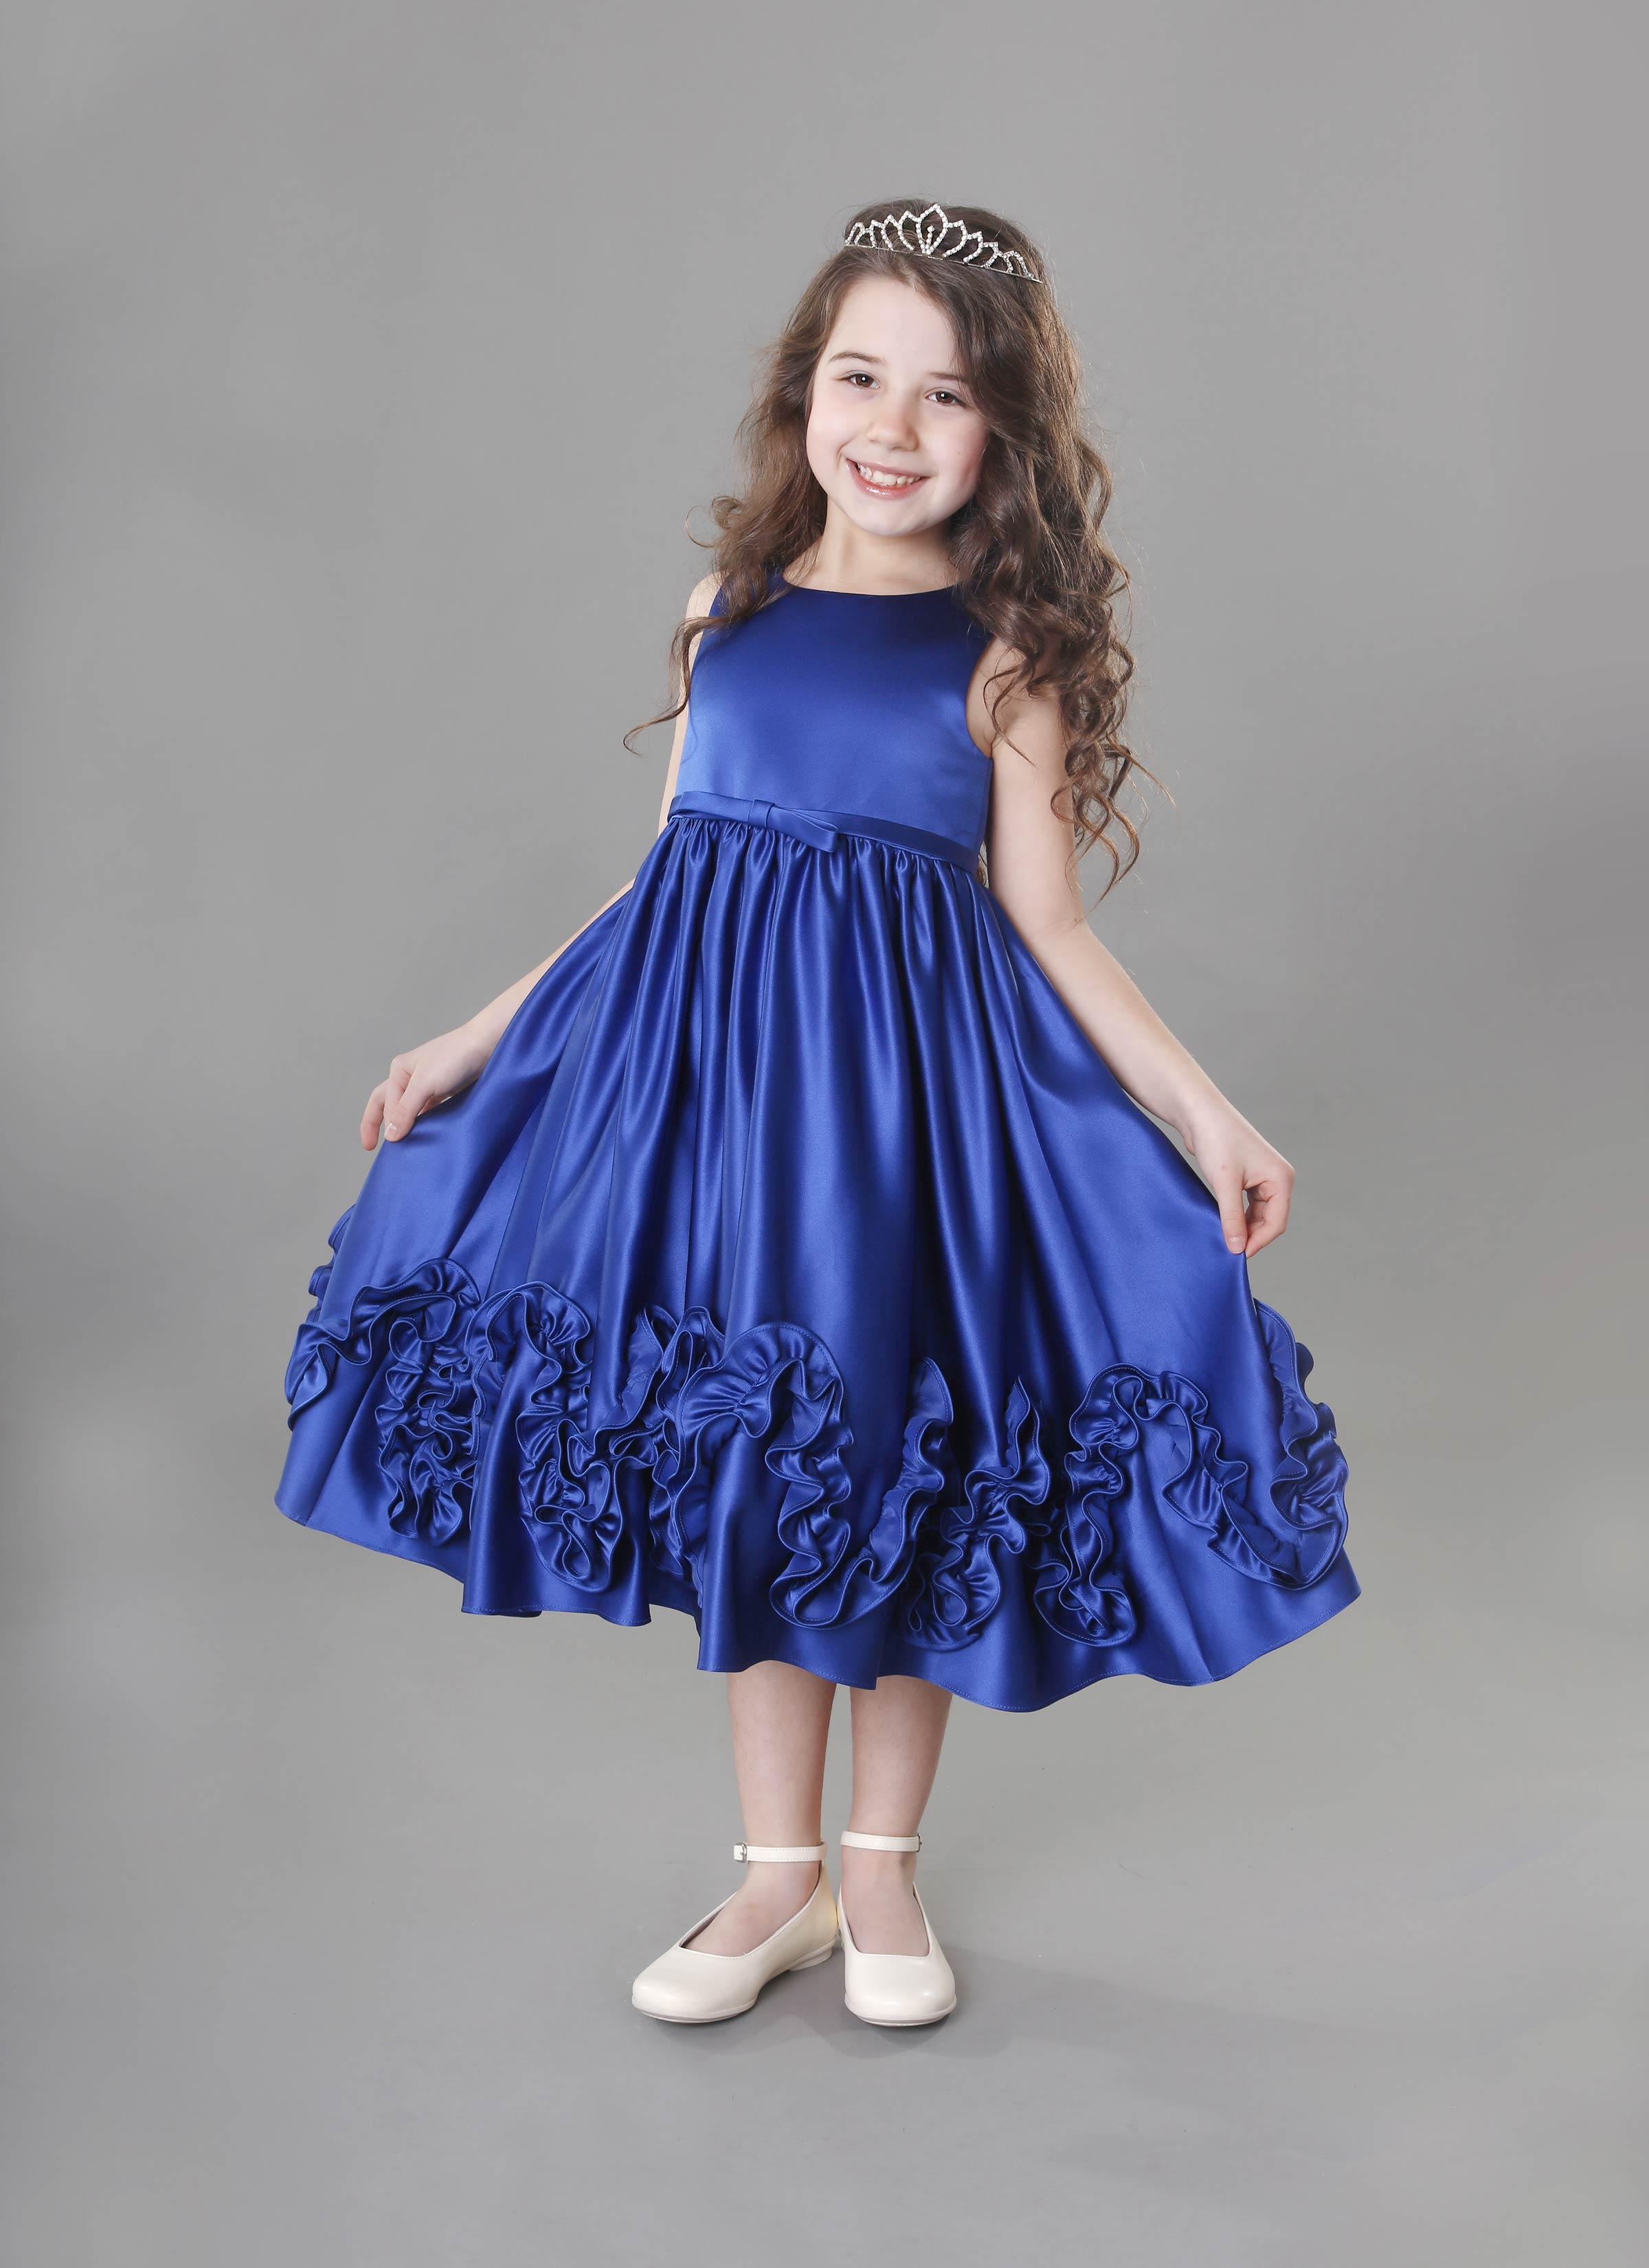 Vestiti Da Ragazza Per Cerimonia.Atelier Mariella Gennarino Vestito Per Bambina Da Cerimonia